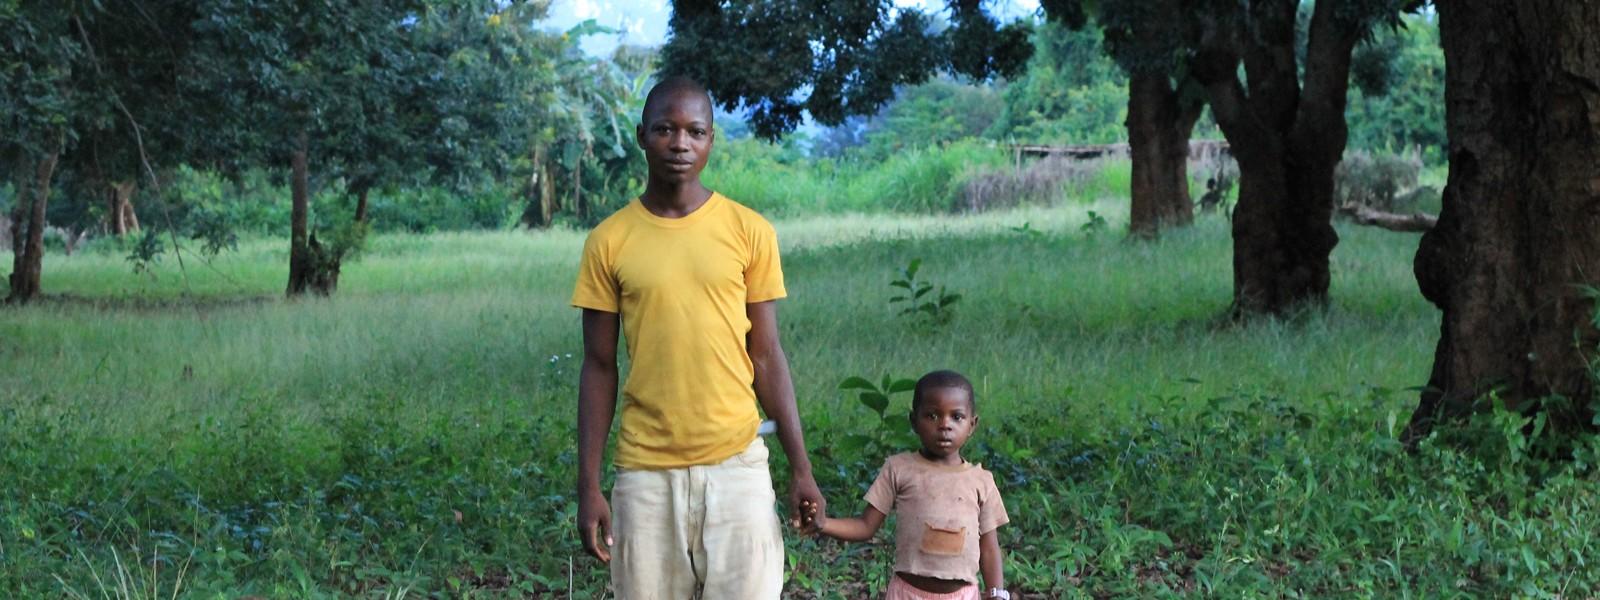 Durch Konflikte getrennte Familien zusammenführen